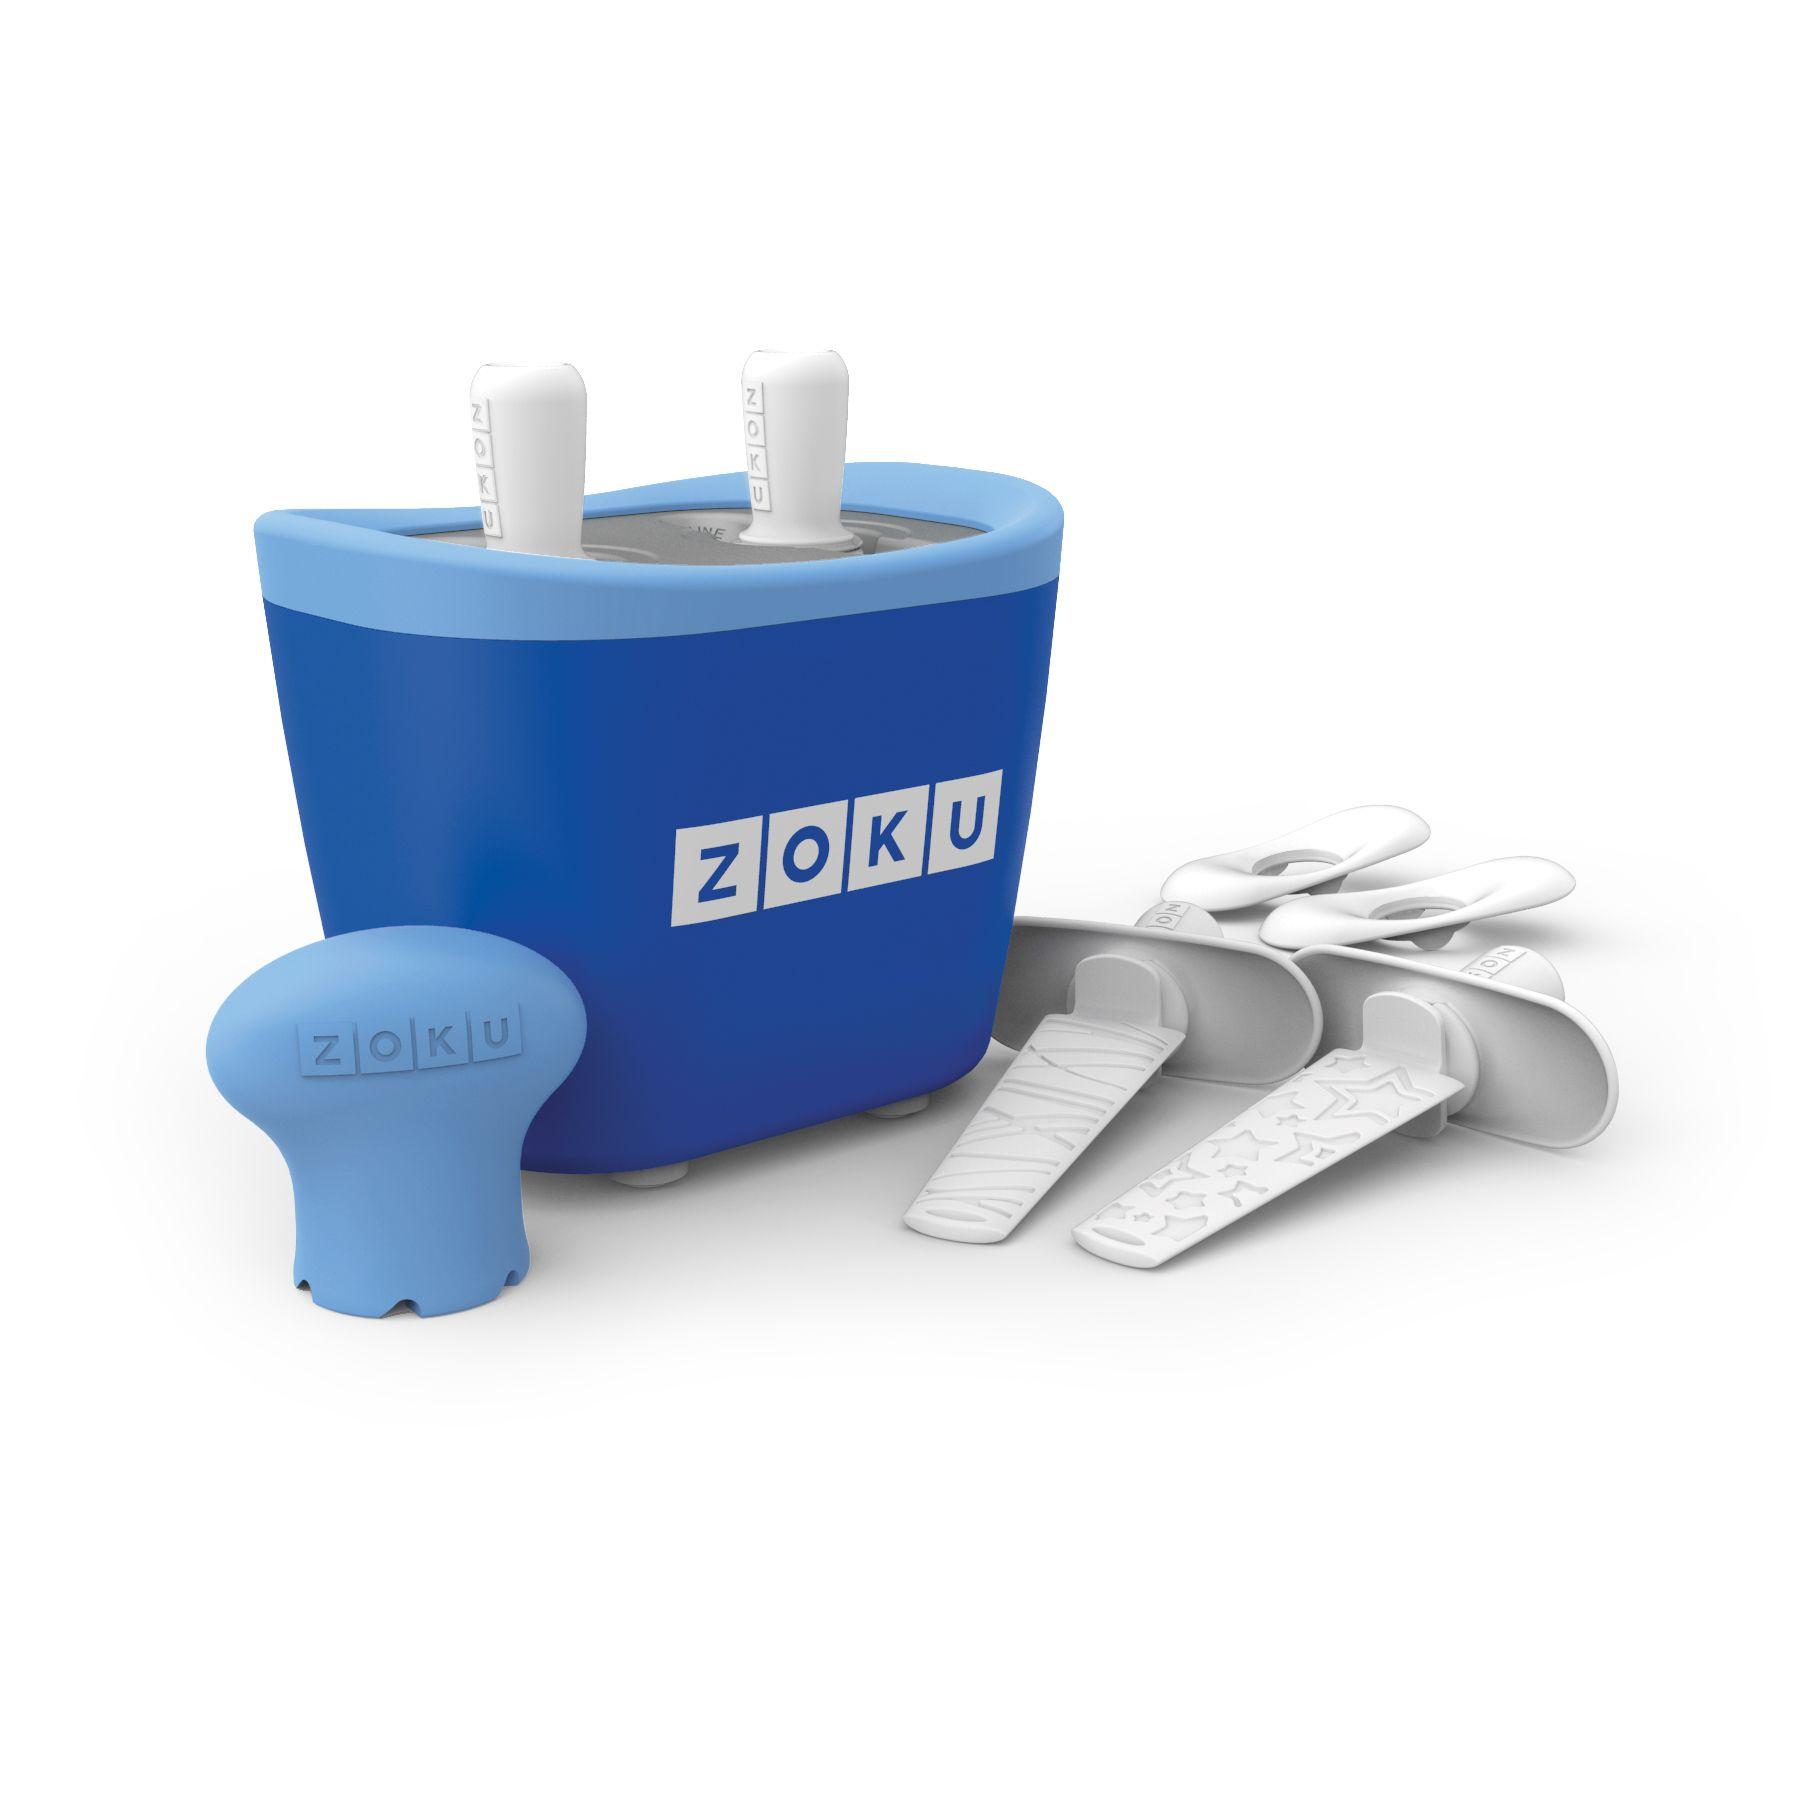 美國 ZOKU 快速製冰棒機 兩支裝 (藍)